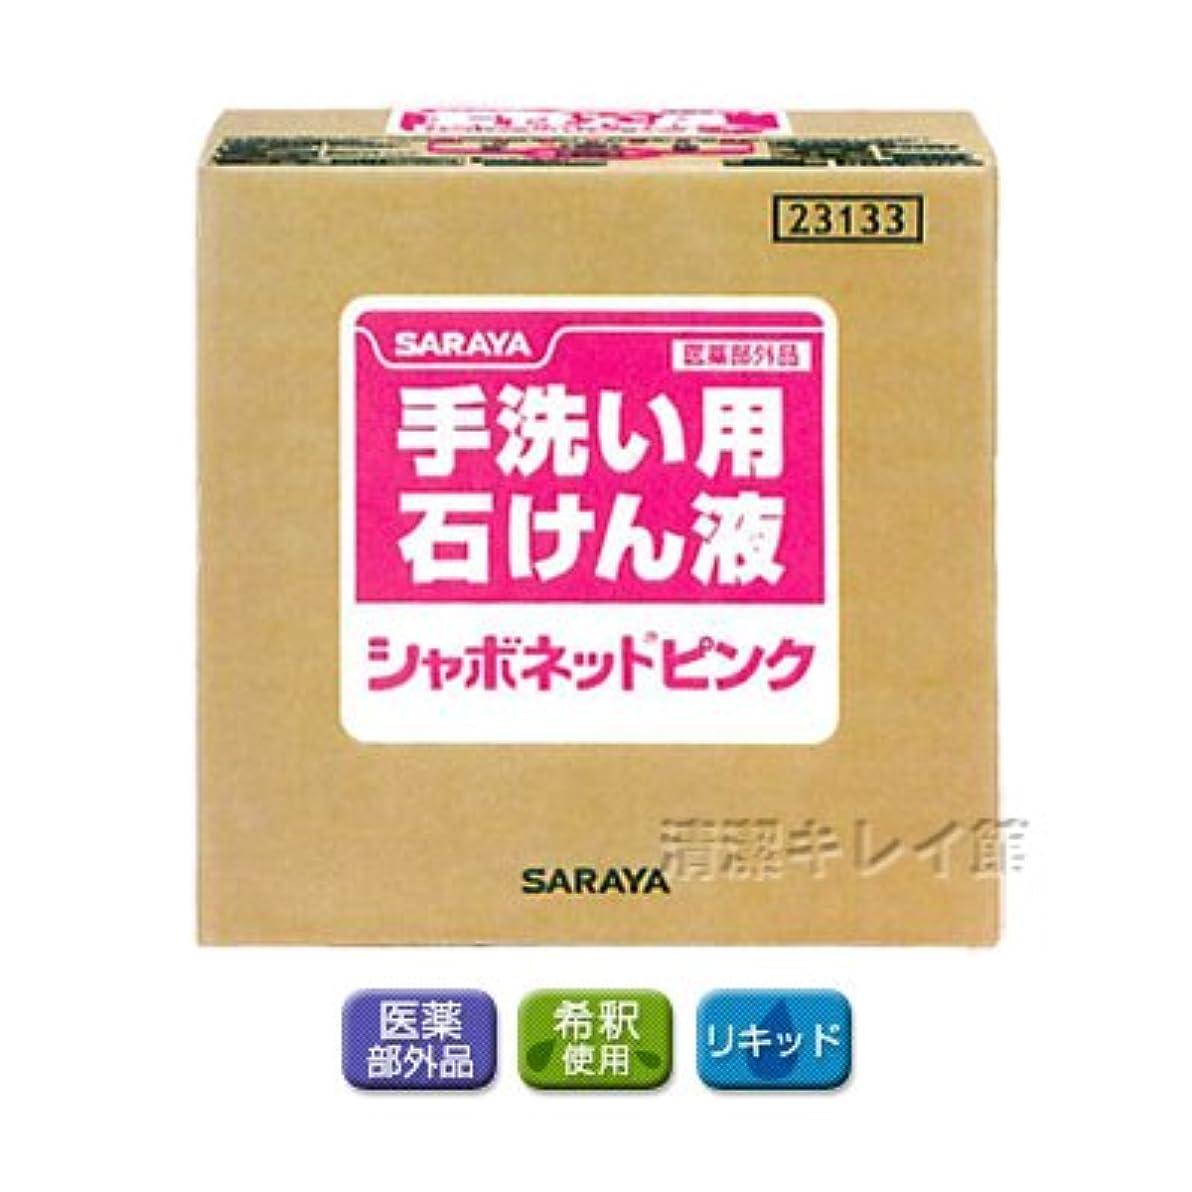 かるカーテン不一致【清潔キレイ館】サラヤ シャボネットピンク(20kg)